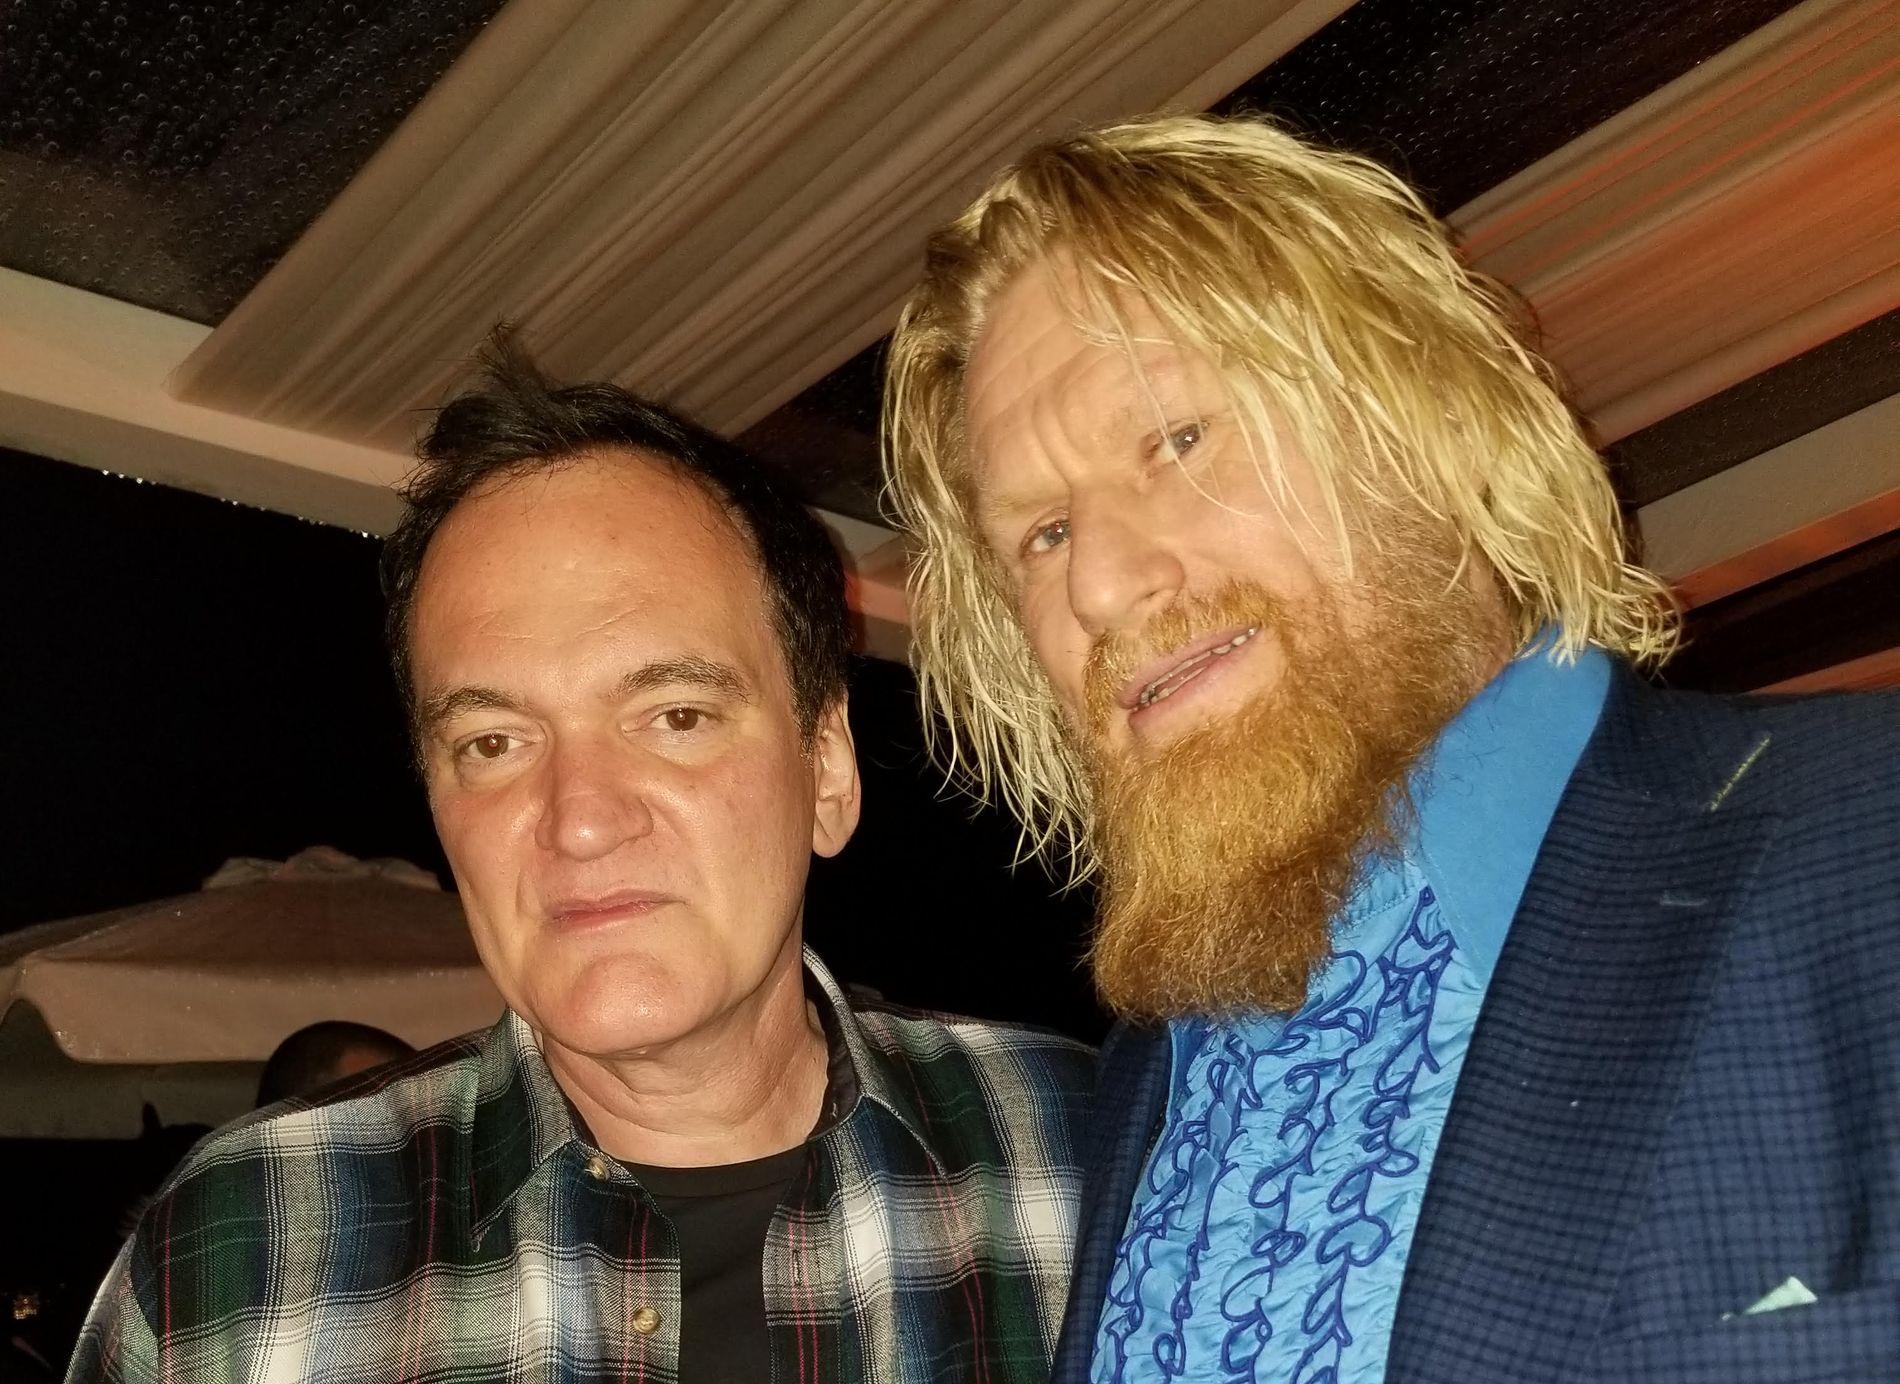 STJERNEMØTE: Rune Temte fikk en prat med Quentin Tarantino på filmfestivalen i Cannes, der Tarantino er med i hovedprogrammet. De to har så langt ikke jobbet sammen.